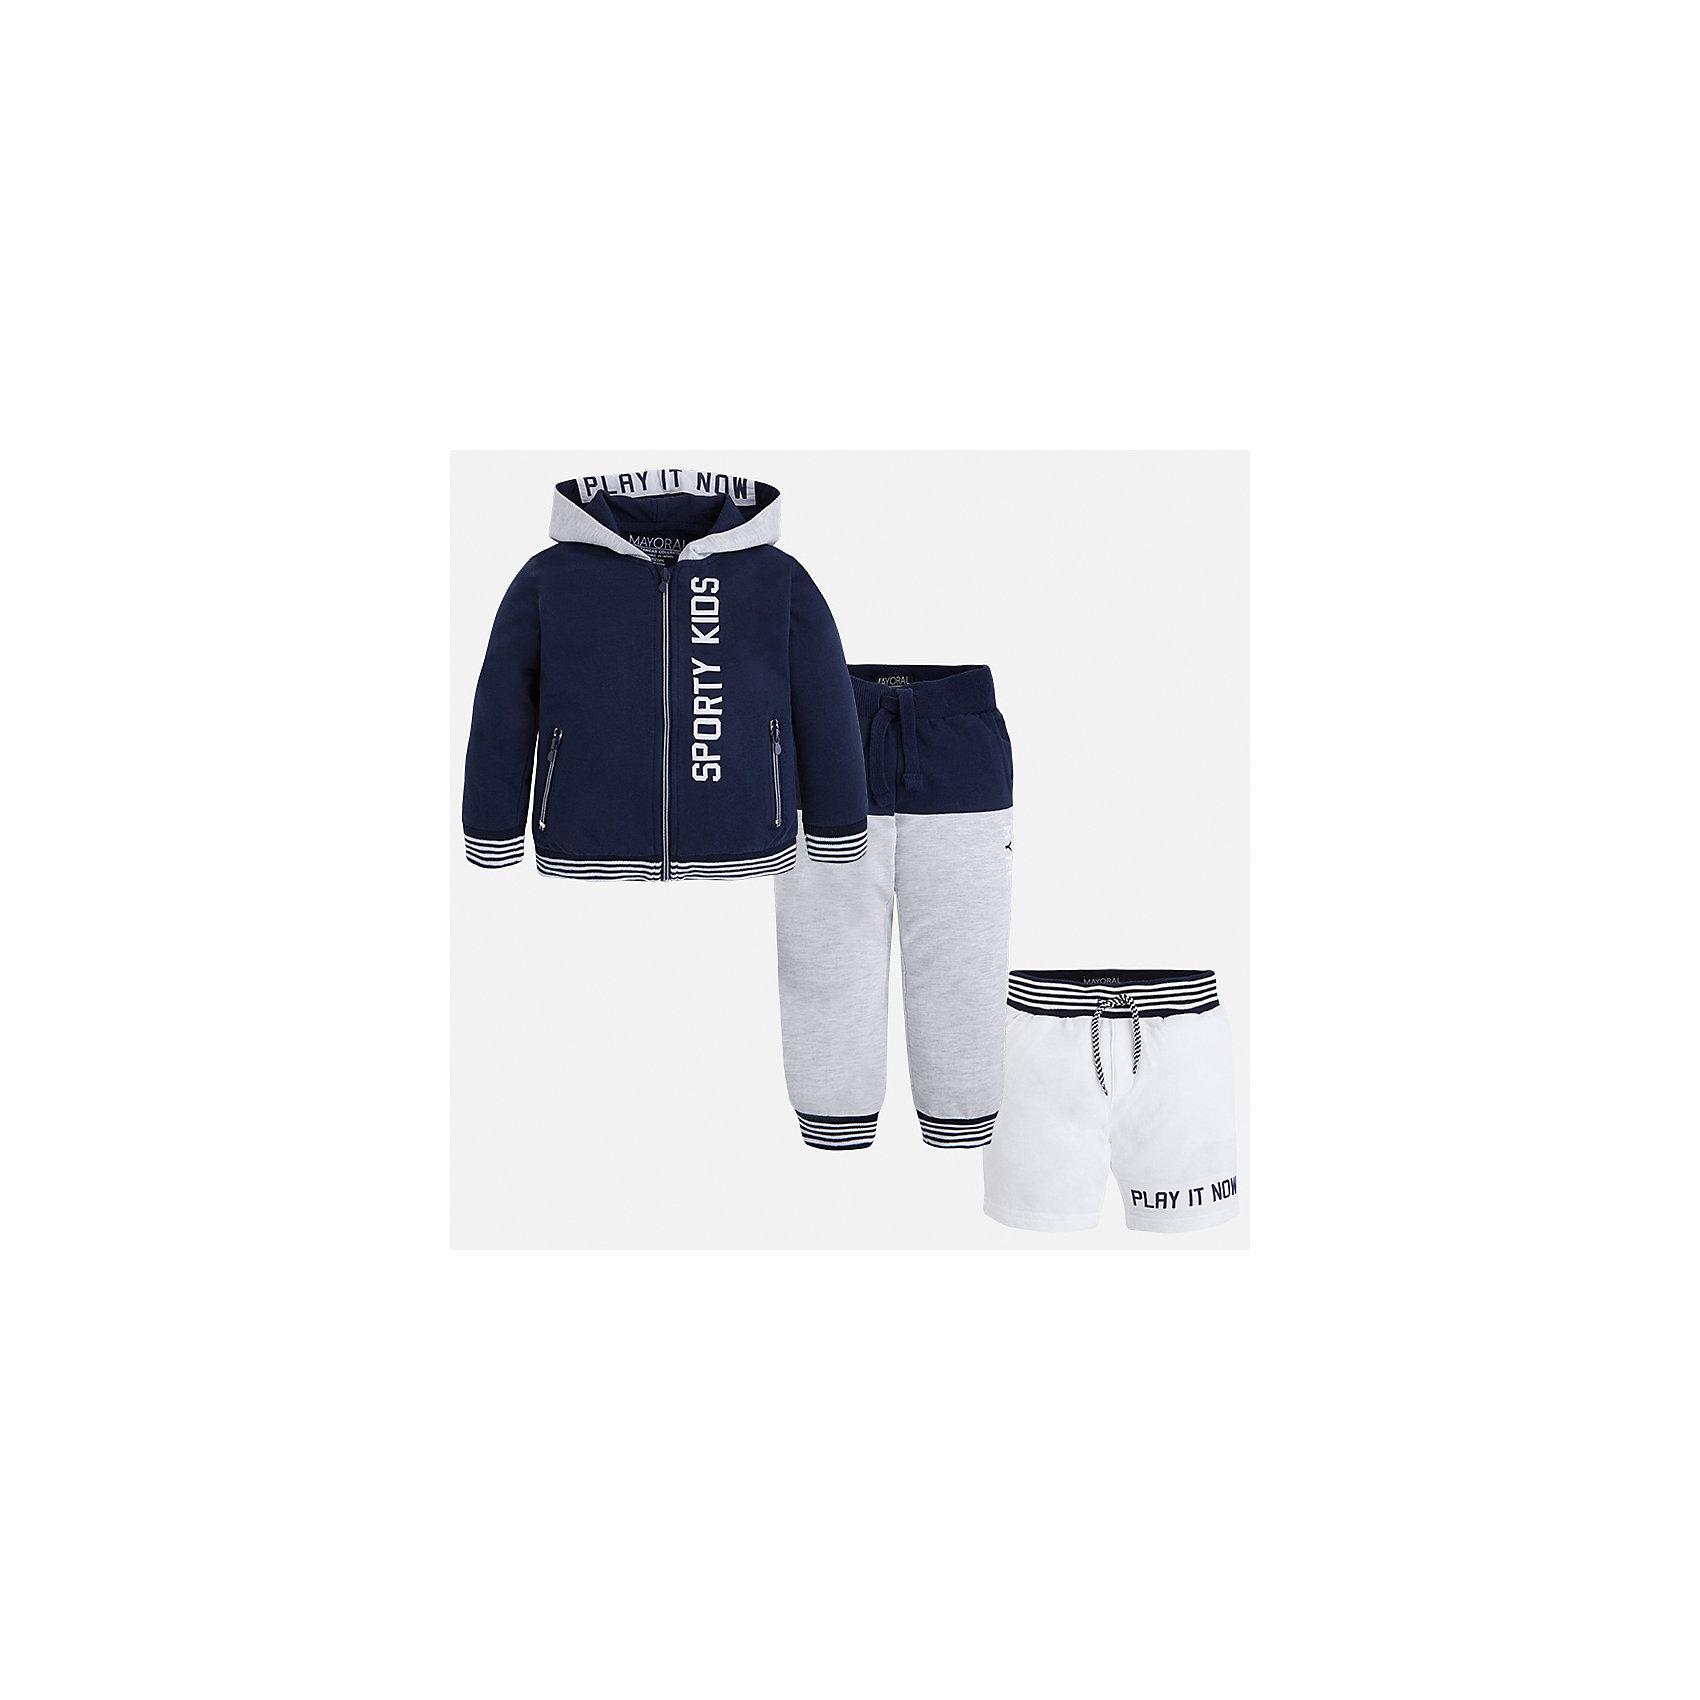 Спортивный костюм для мальчика MayoralКомплекты<br>Характеристики товара:<br><br>• цвет: синий/серый<br>• состав: 60% хлопок, 40% полиэстер<br>• комплектация: курточка, штаны, шорты<br>• декорирован принтом<br>• карманы<br>• капюшон<br>• штаны, шорты - пояс на шнурке<br>• манжеты<br>• страна бренда: Испания<br><br>Стильный качественный спортивный костюм для мальчика поможет разнообразить гардероб ребенка и удобно одеться. Курточка, шорты и штаны отлично сочетаются с другими предметами. Универсальный цвет позволяет подобрать к вещам верхнюю одежду практически любой расцветки. Интересная отделка модели делает её нарядной и оригинальной. В составе материала - натуральный хлопок, гипоаллергенный, приятный на ощупь, дышащий.<br><br>Одежда, обувь и аксессуары от испанского бренда Mayoral полюбились детям и взрослым по всему миру. Модели этой марки - стильные и удобные. Для их производства используются только безопасные, качественные материалы и фурнитура. Порадуйте ребенка модными и красивыми вещами от Mayoral! <br><br>Спортивный костюм для мальчика от испанского бренда Mayoral (Майорал) можно купить в нашем интернет-магазине.<br><br>Ширина мм: 247<br>Глубина мм: 16<br>Высота мм: 140<br>Вес г: 225<br>Цвет: синий<br>Возраст от месяцев: 84<br>Возраст до месяцев: 96<br>Пол: Мужской<br>Возраст: Детский<br>Размер: 128,122,116,134<br>SKU: 5281225